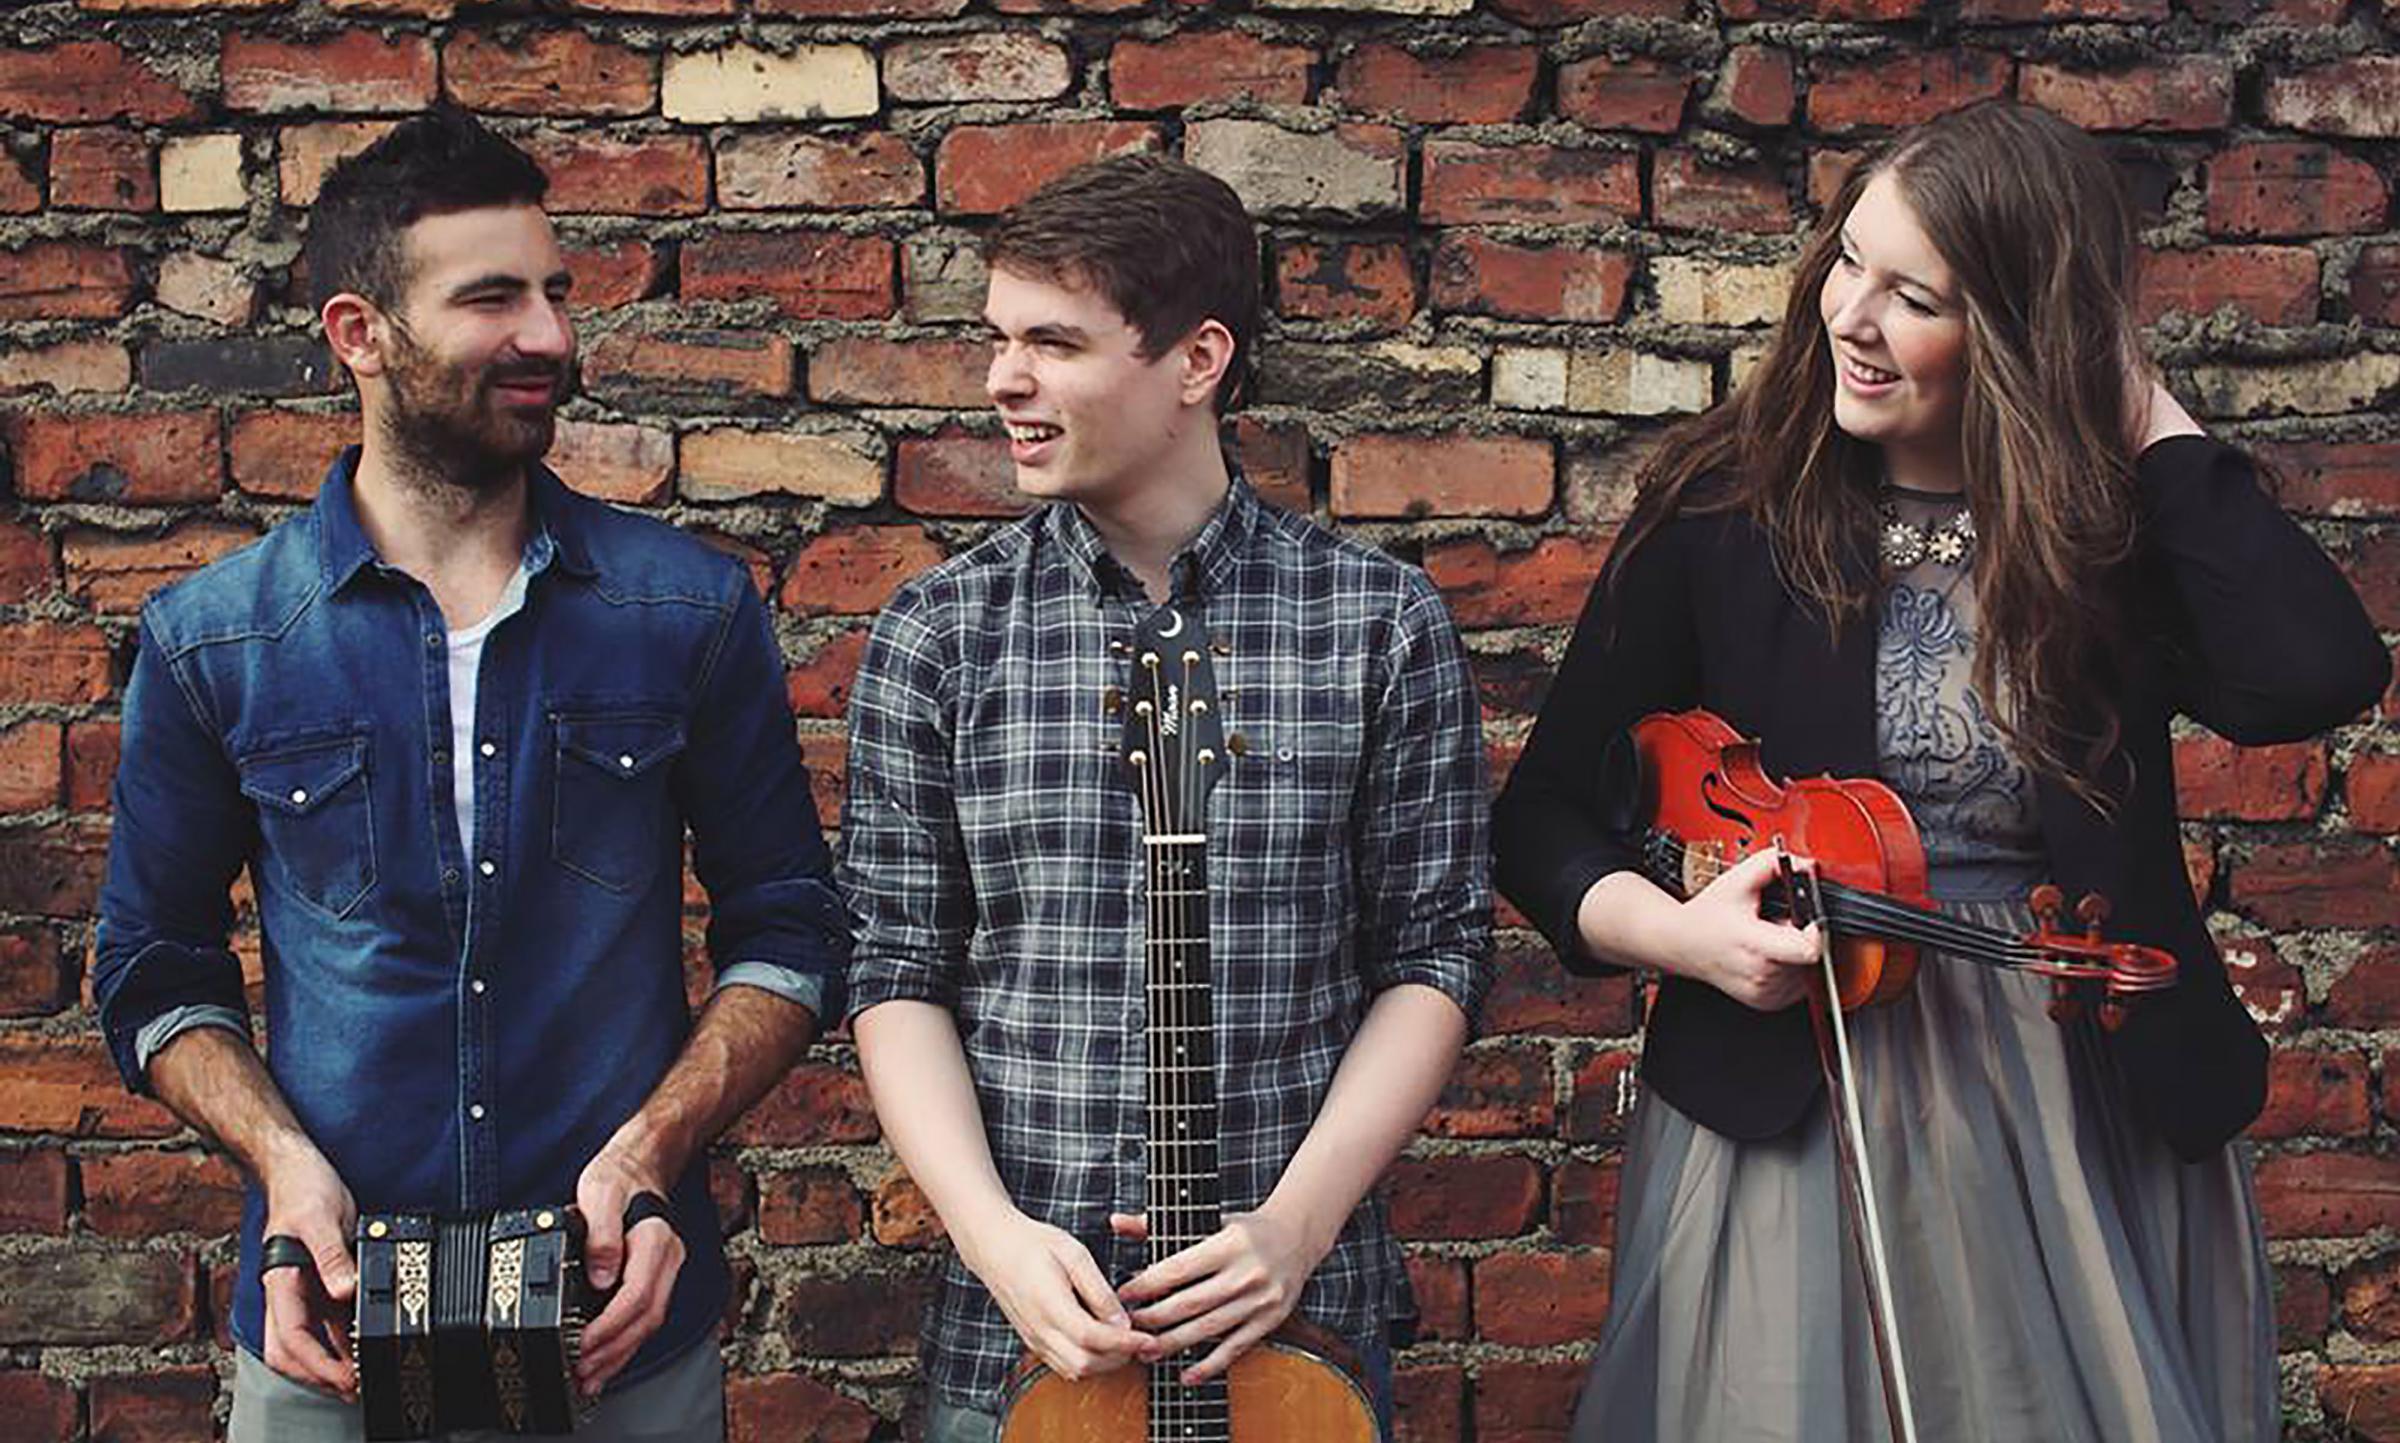 Scots folk music stars win big in Perth at Trad Awards